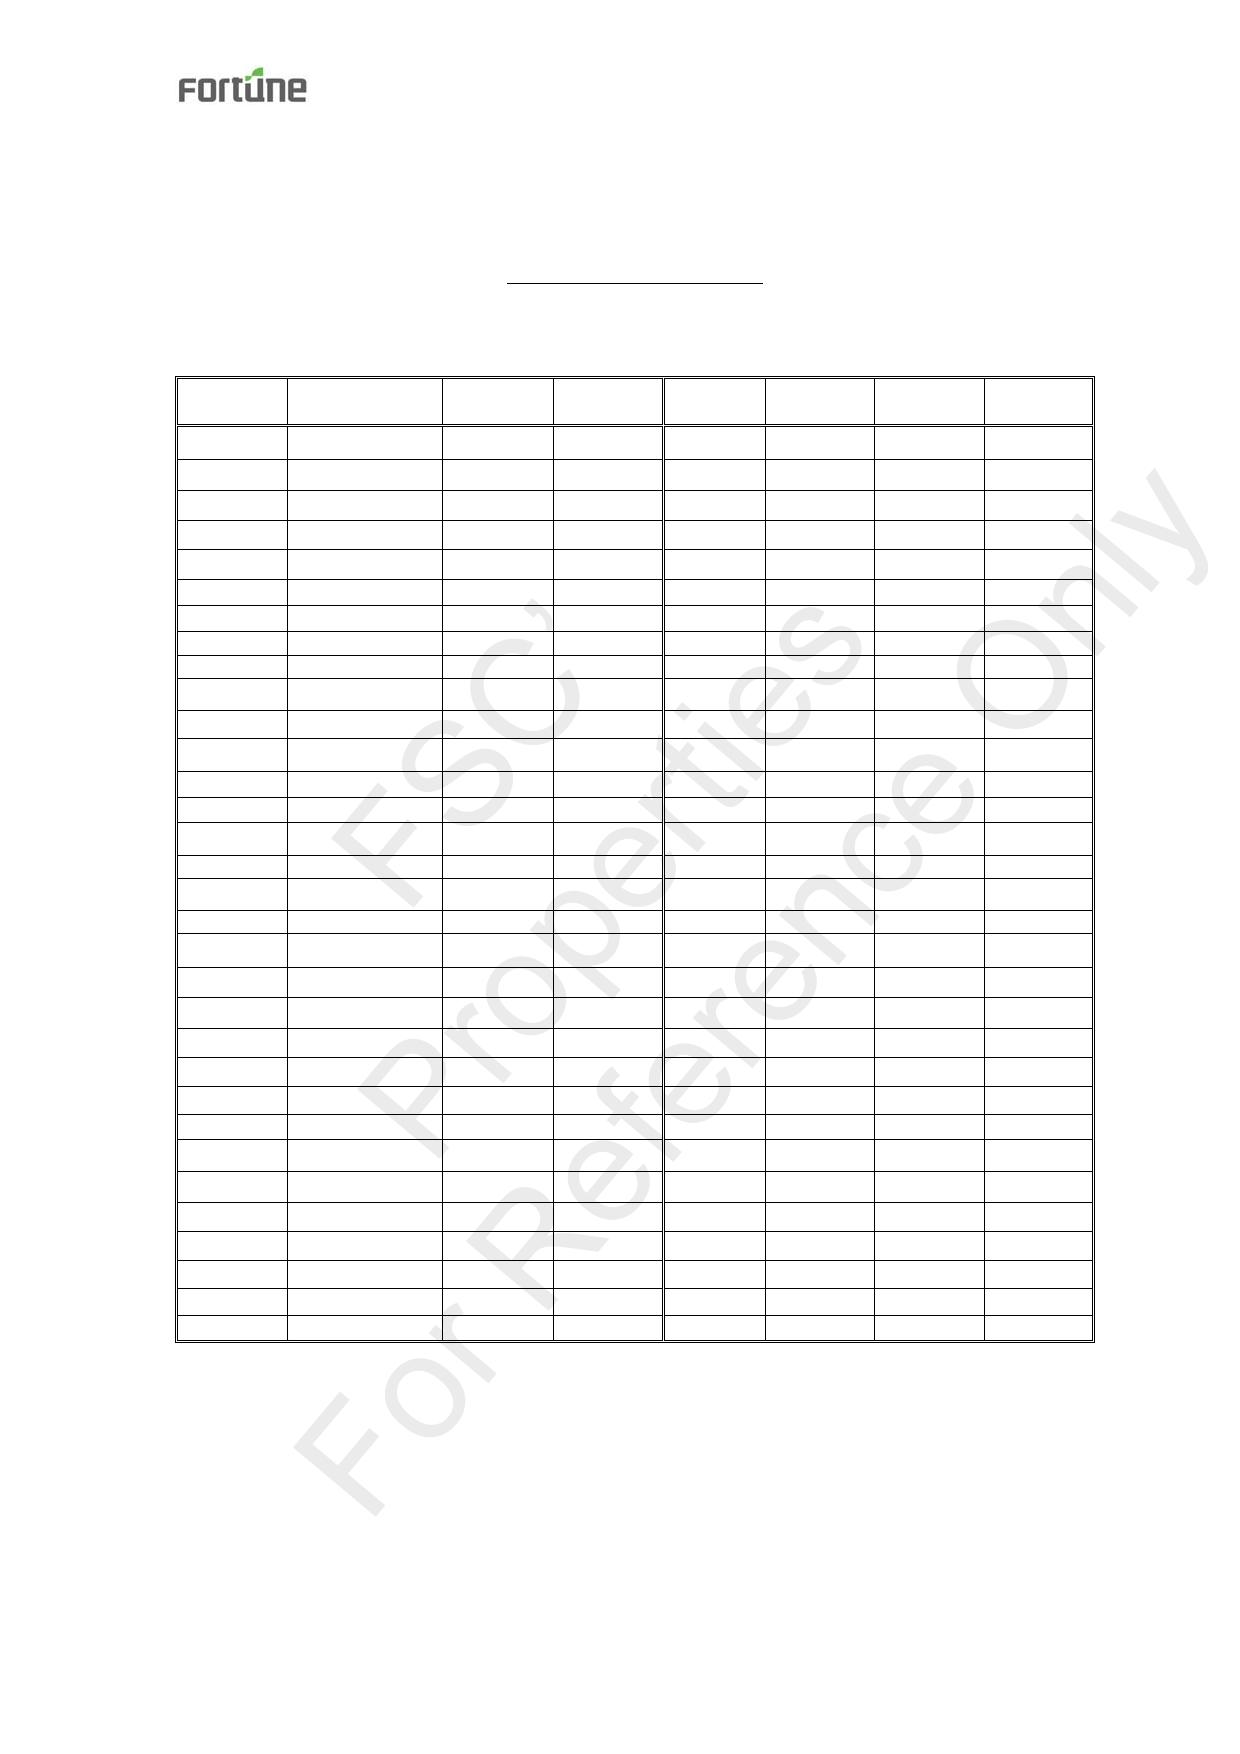 FS9952-LP1 arduino